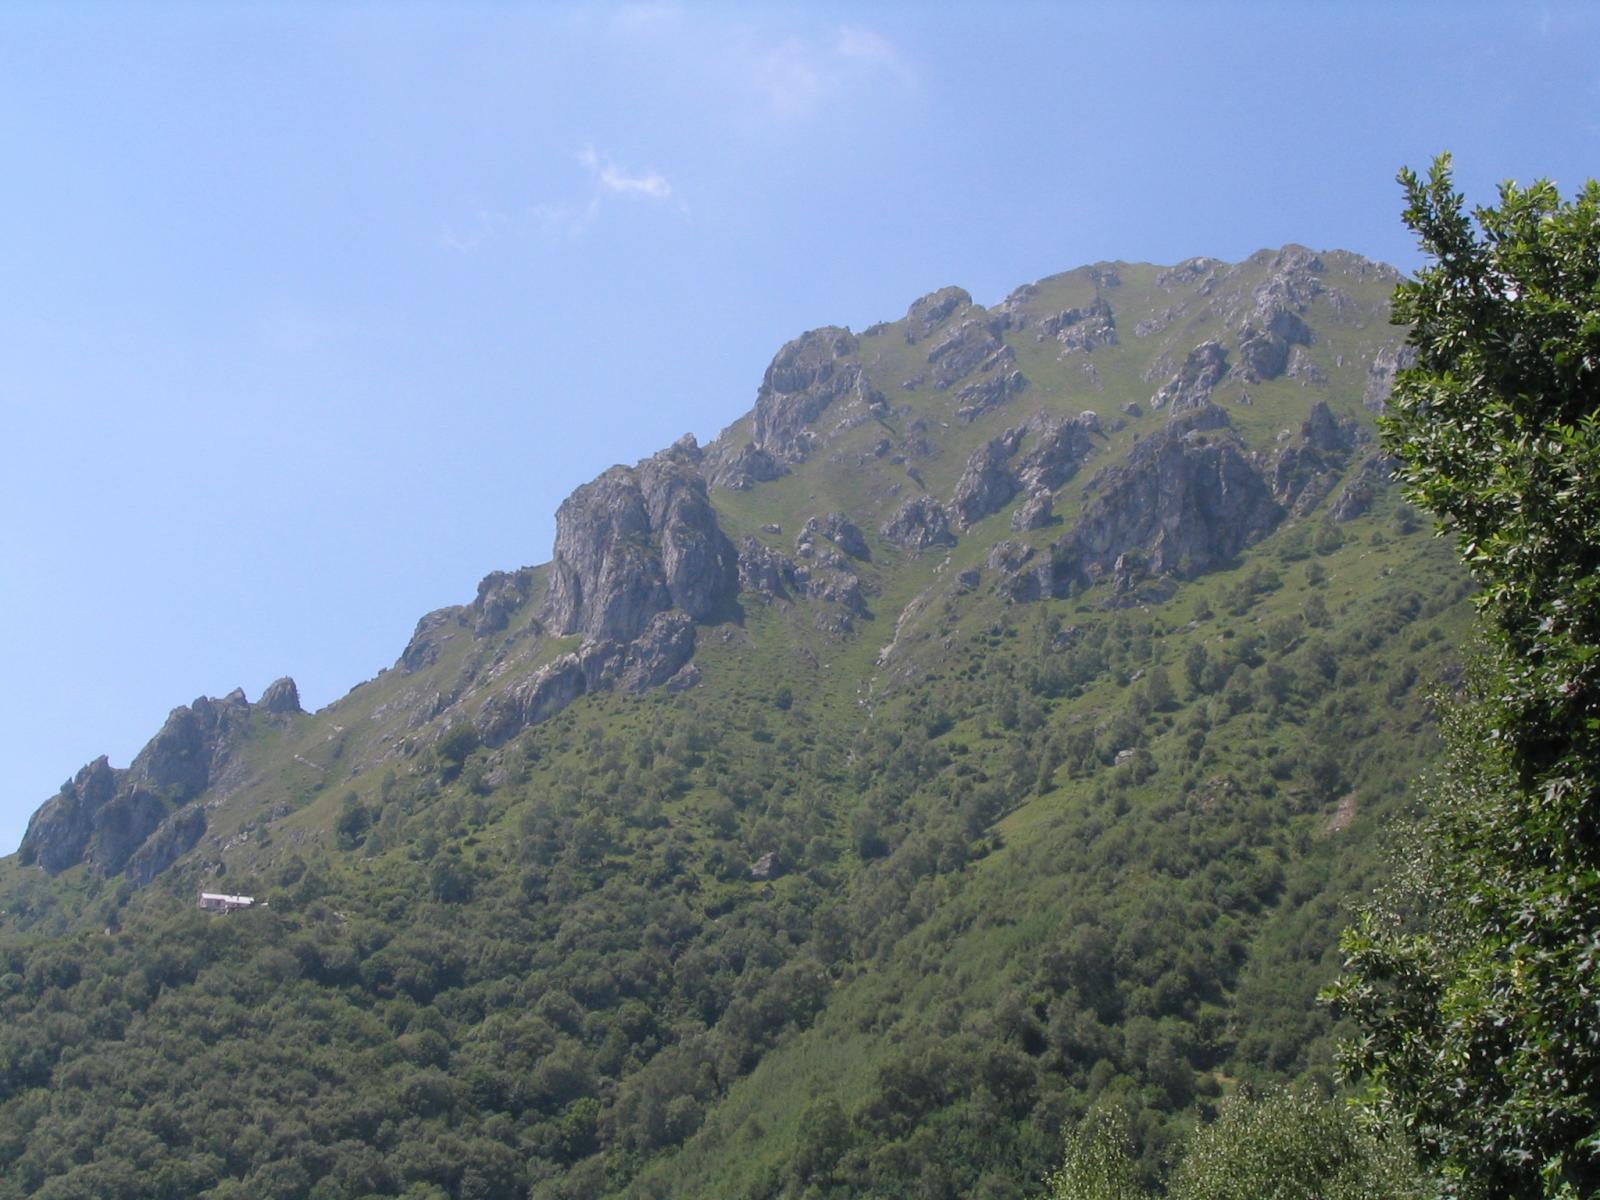 Colpo d'occhio sul rifugio Menaggio e sul Monte Grona (dal sentiero alto)